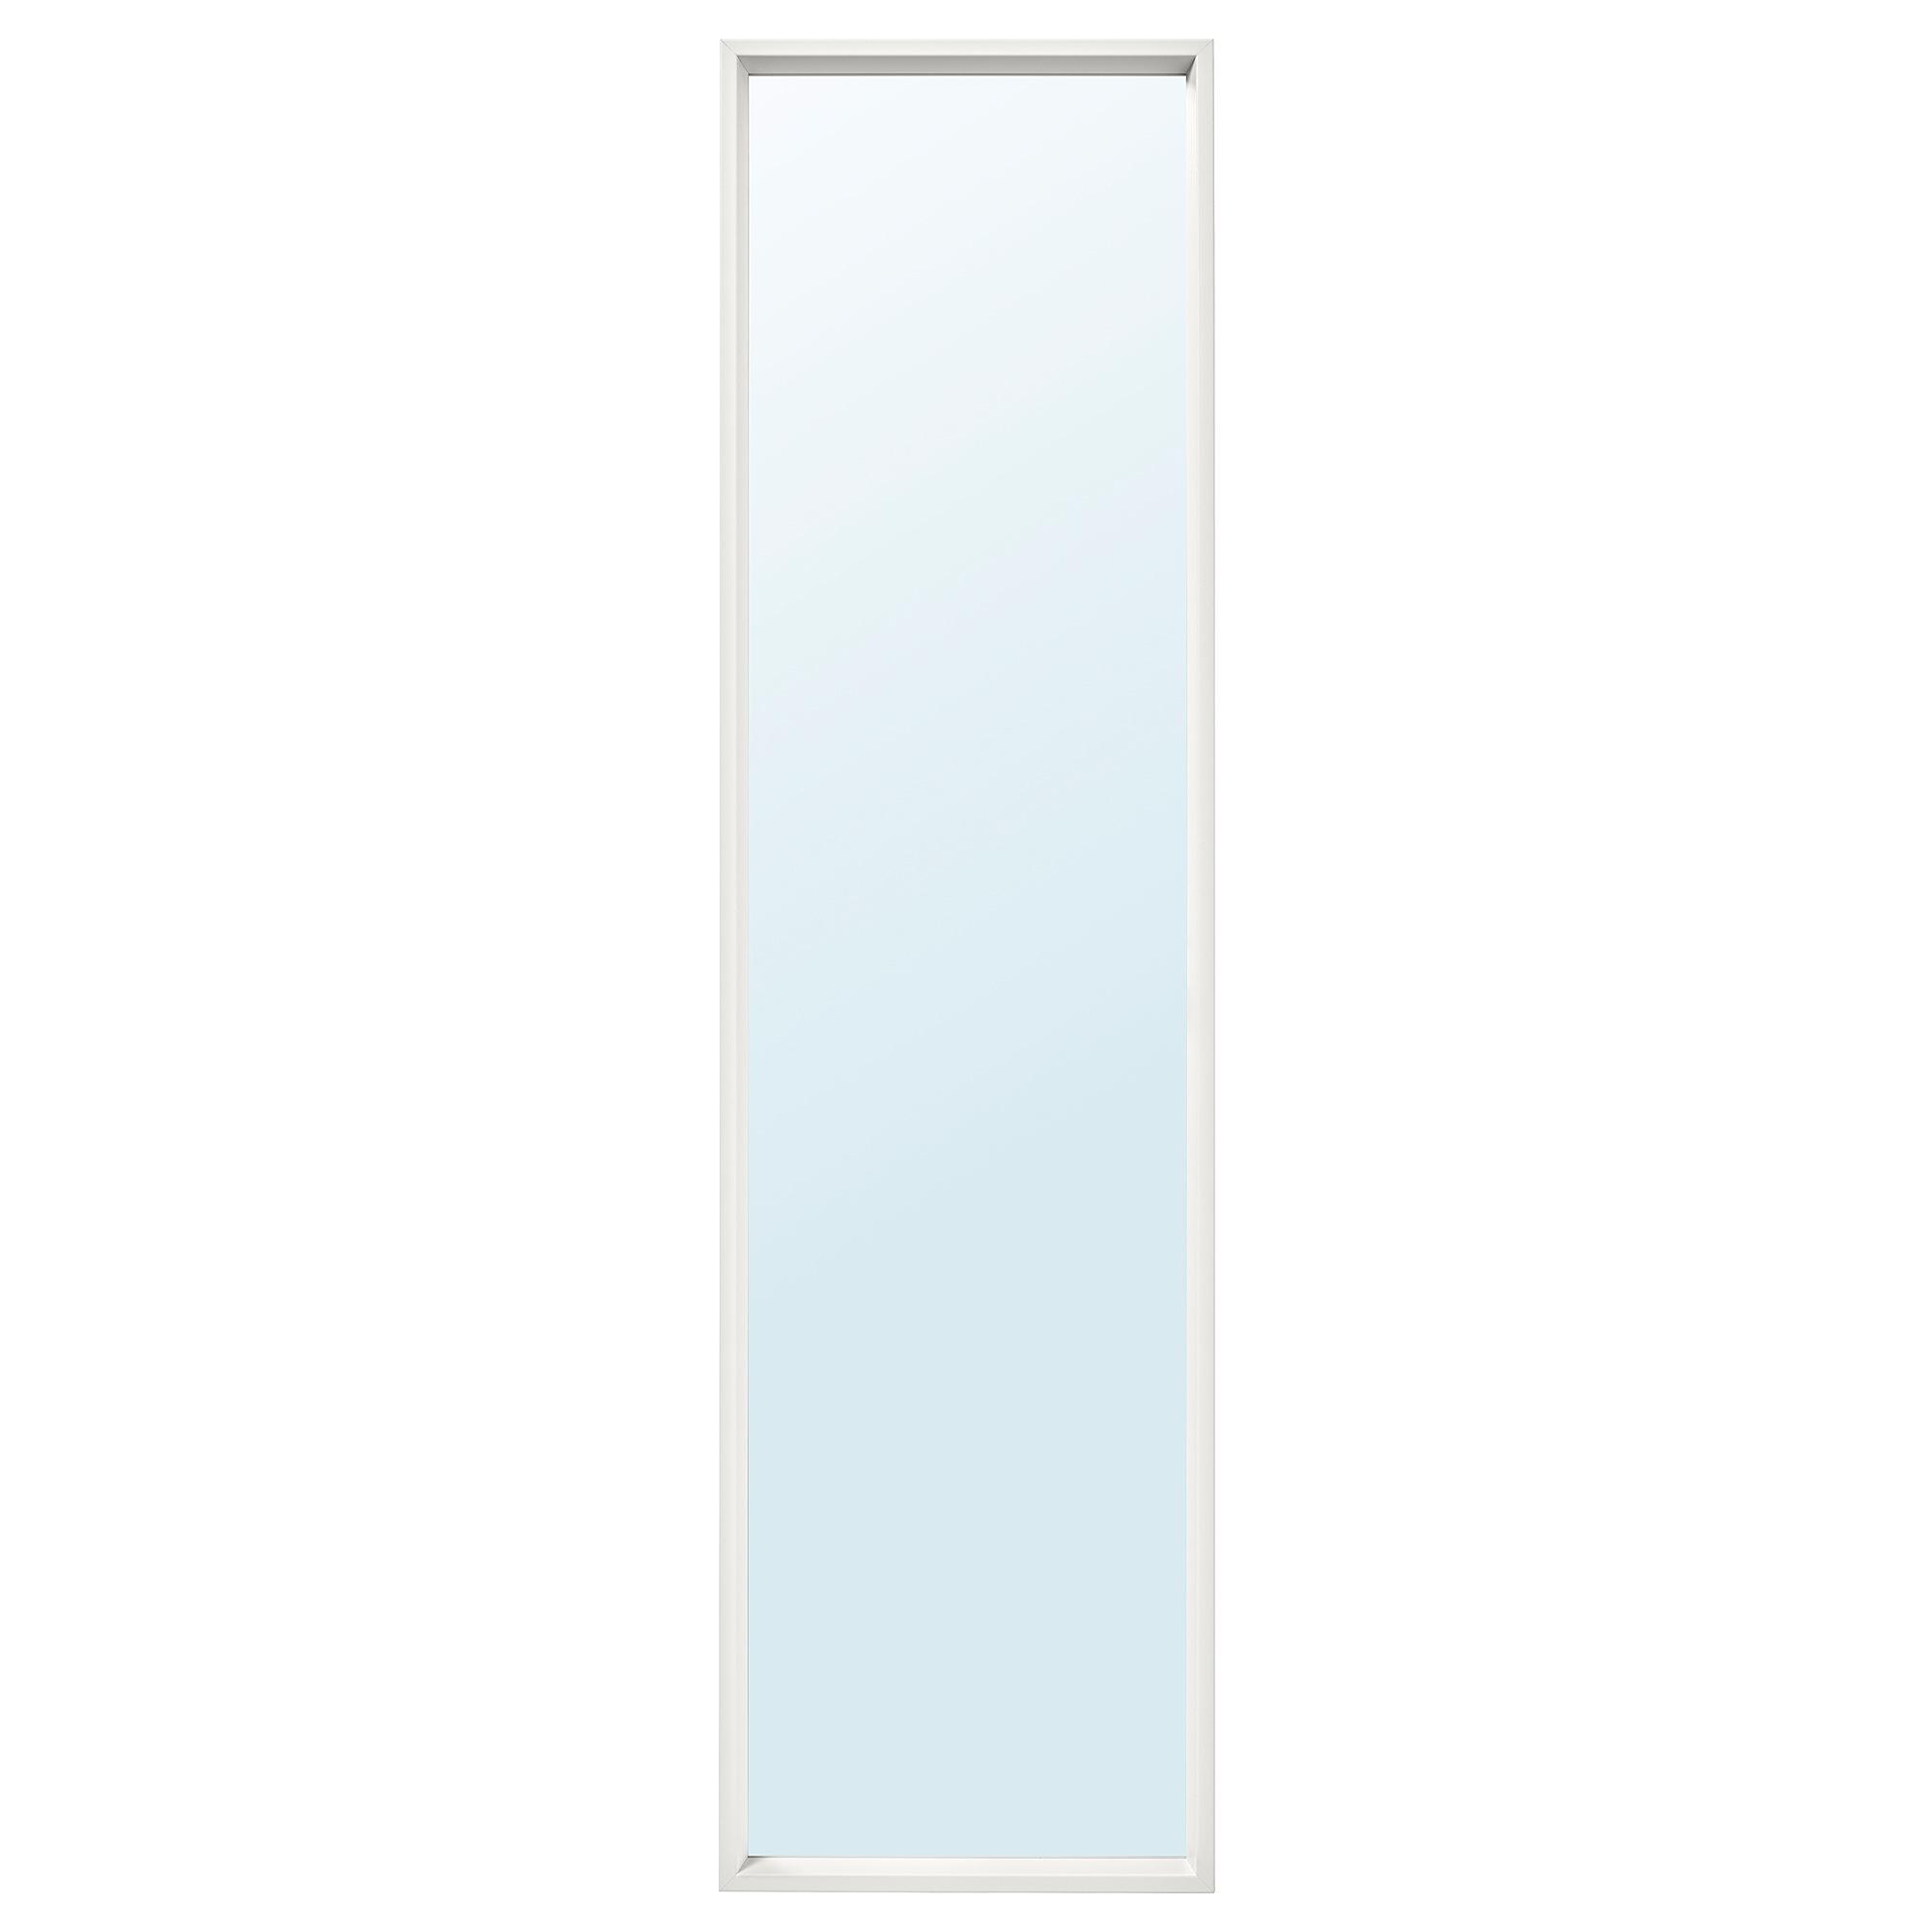 이케아 NISSEDAL 니세달 거울 40x150 cm, 화이트 903.203.23